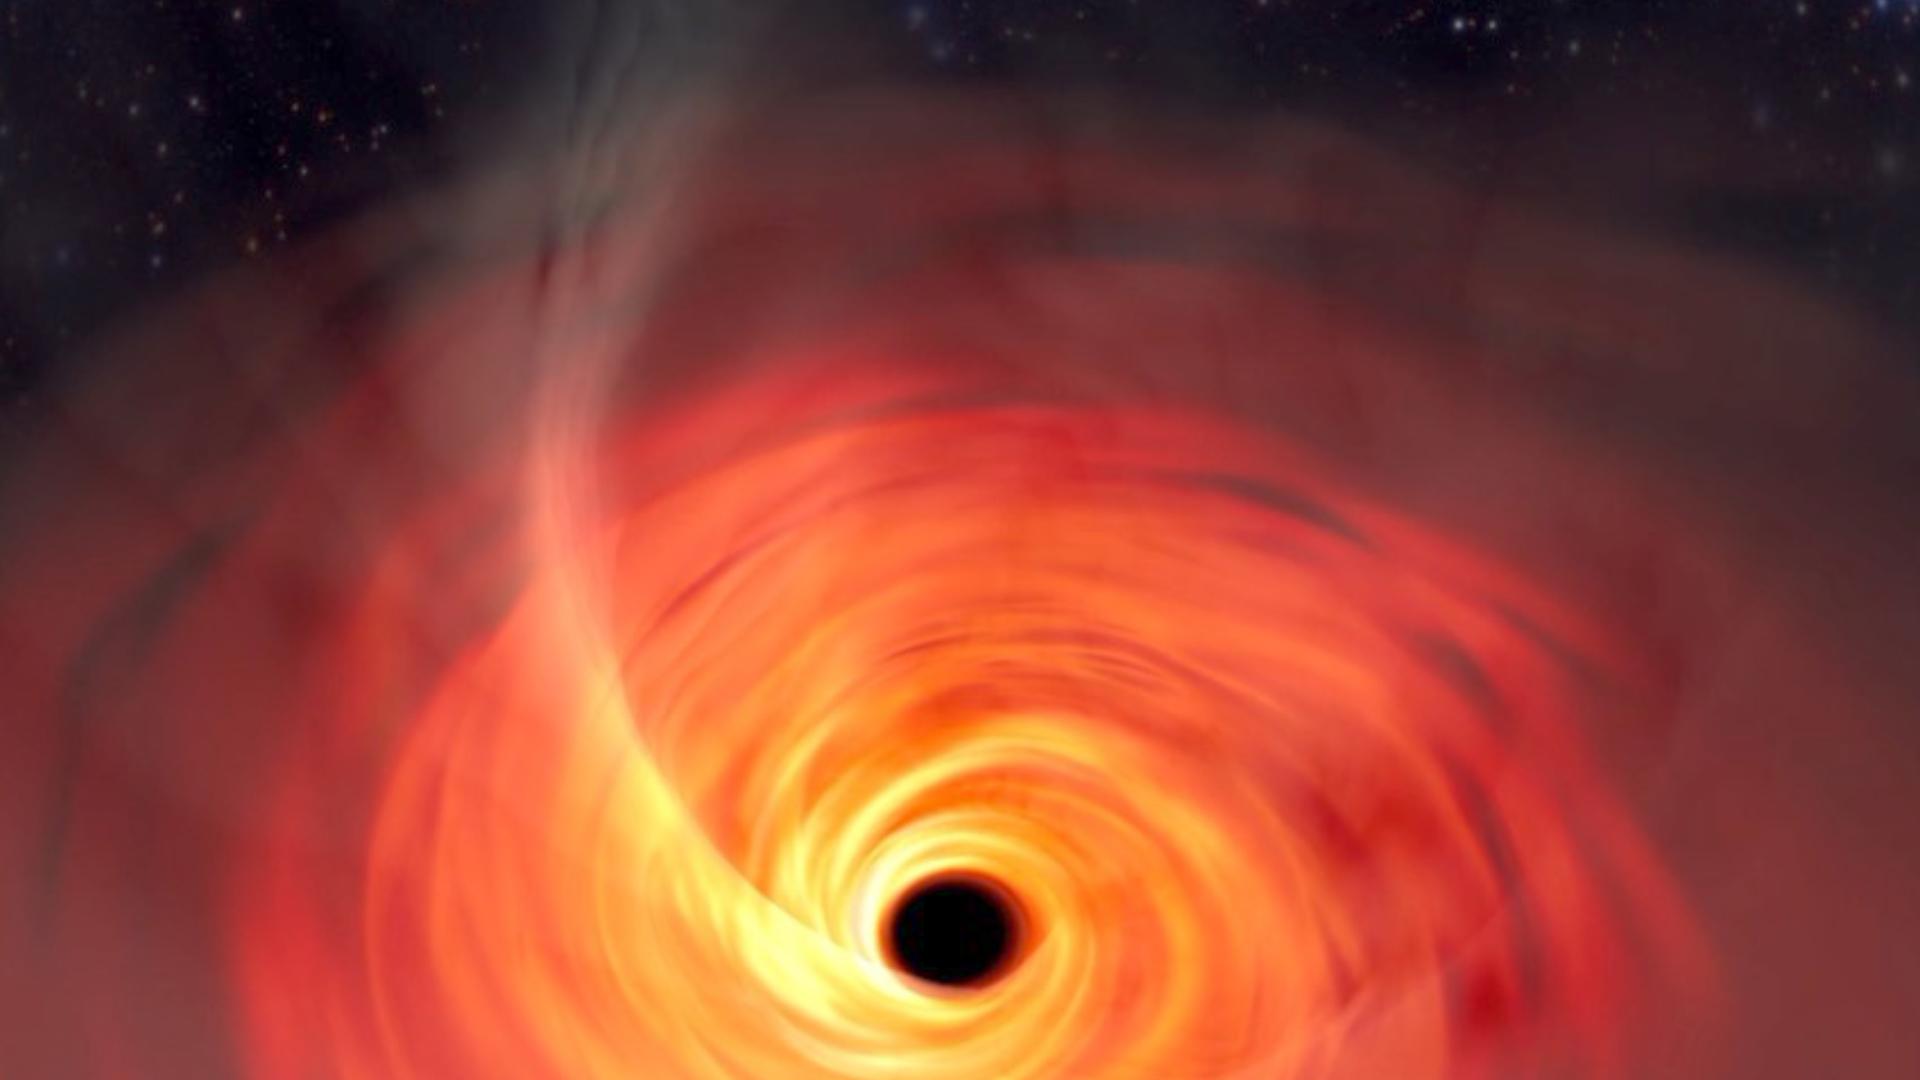 Des trous noirs « incroyablement grands » de 100 milliards de masses solaires pourraient-ils exister ?